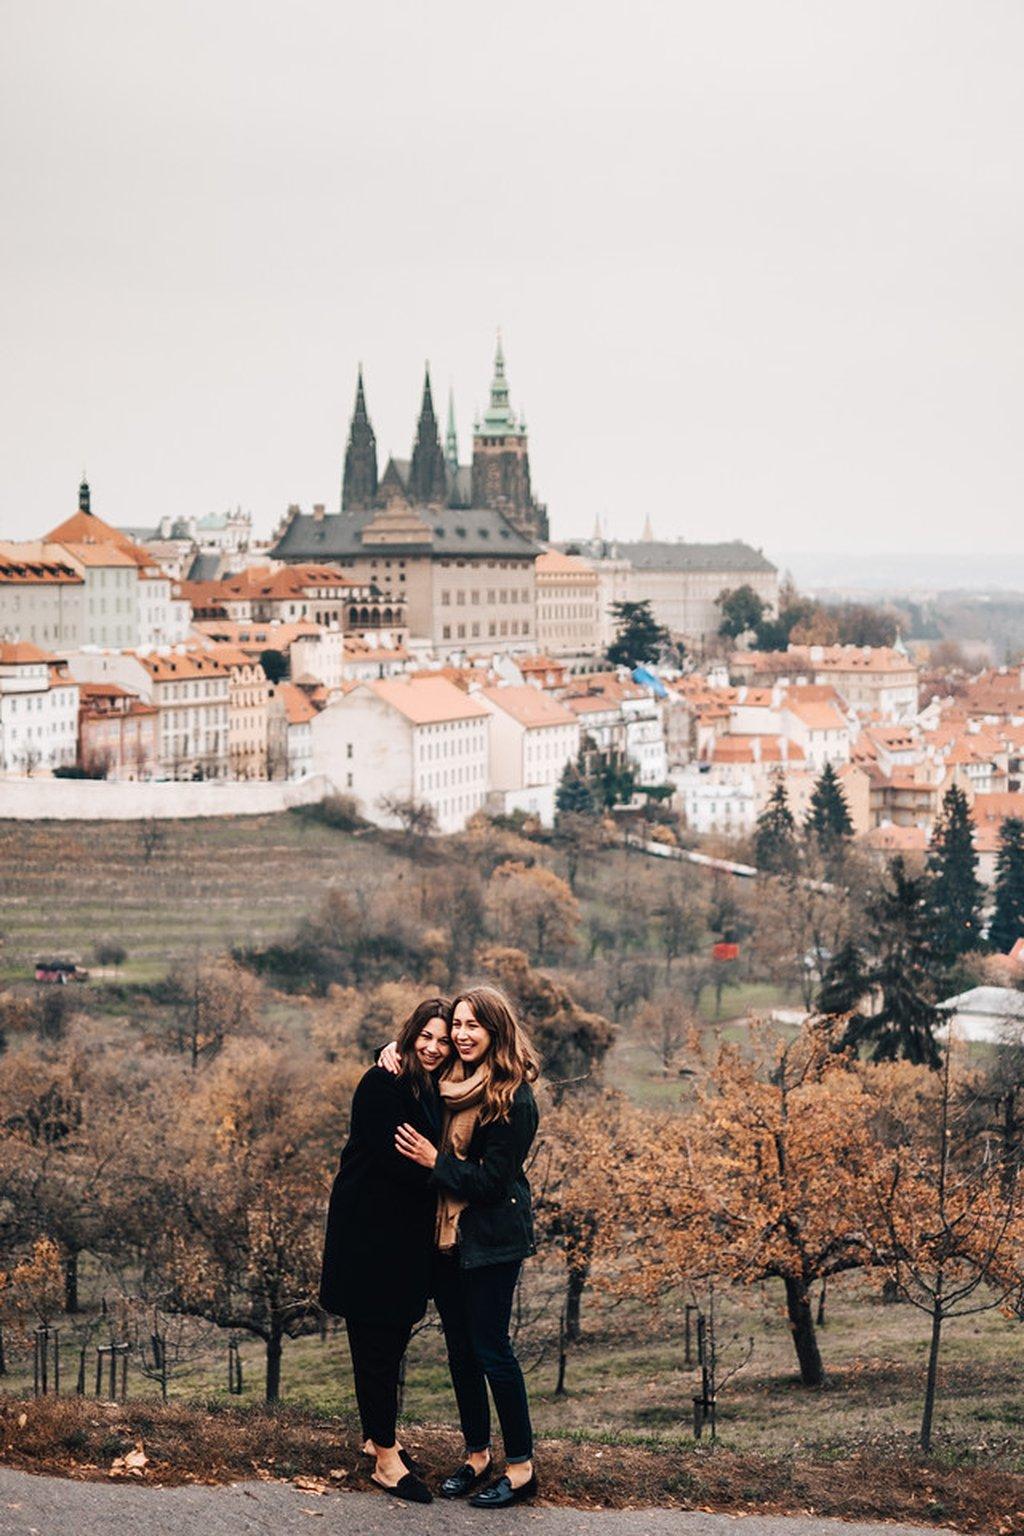 Eliška's Portfolio - Image 2